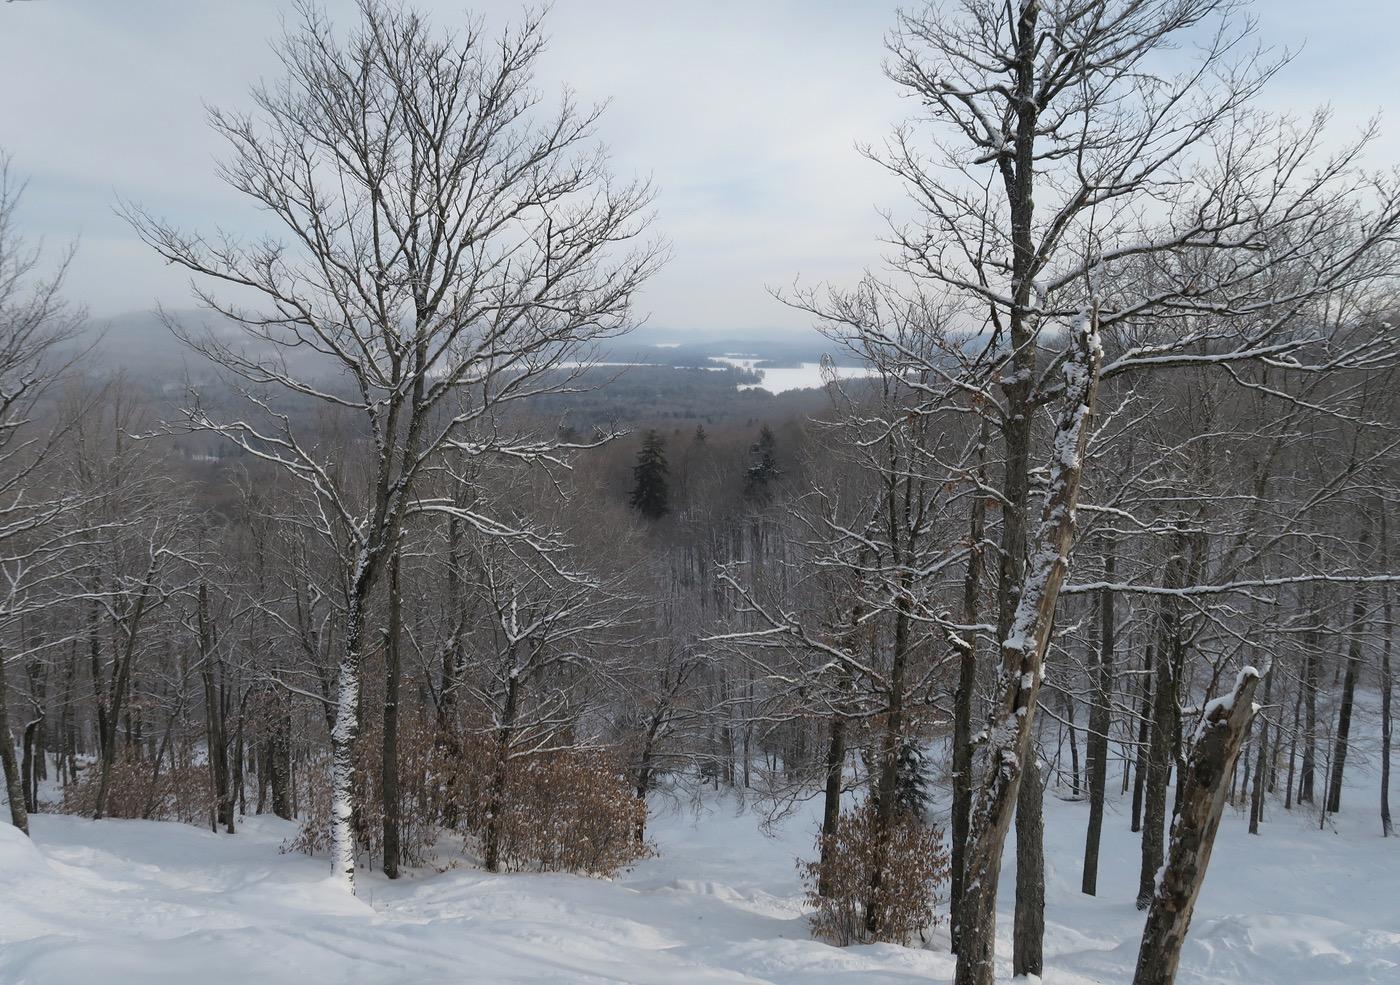 McCauley view